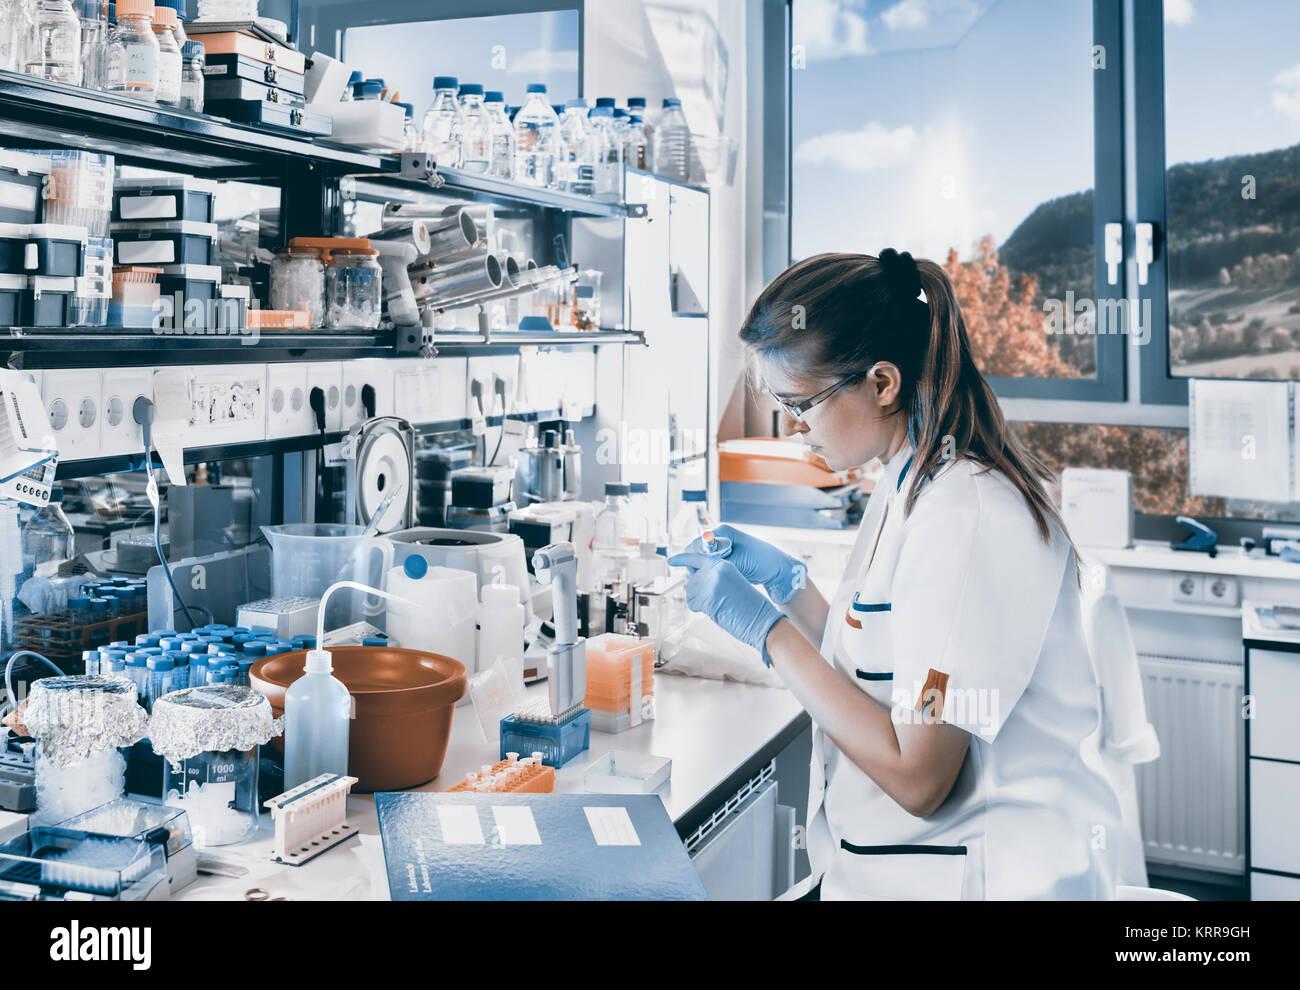 Ai giovani scienziati lavora in un moderno laboratorio biologico, tonica immagine Immagini Stock